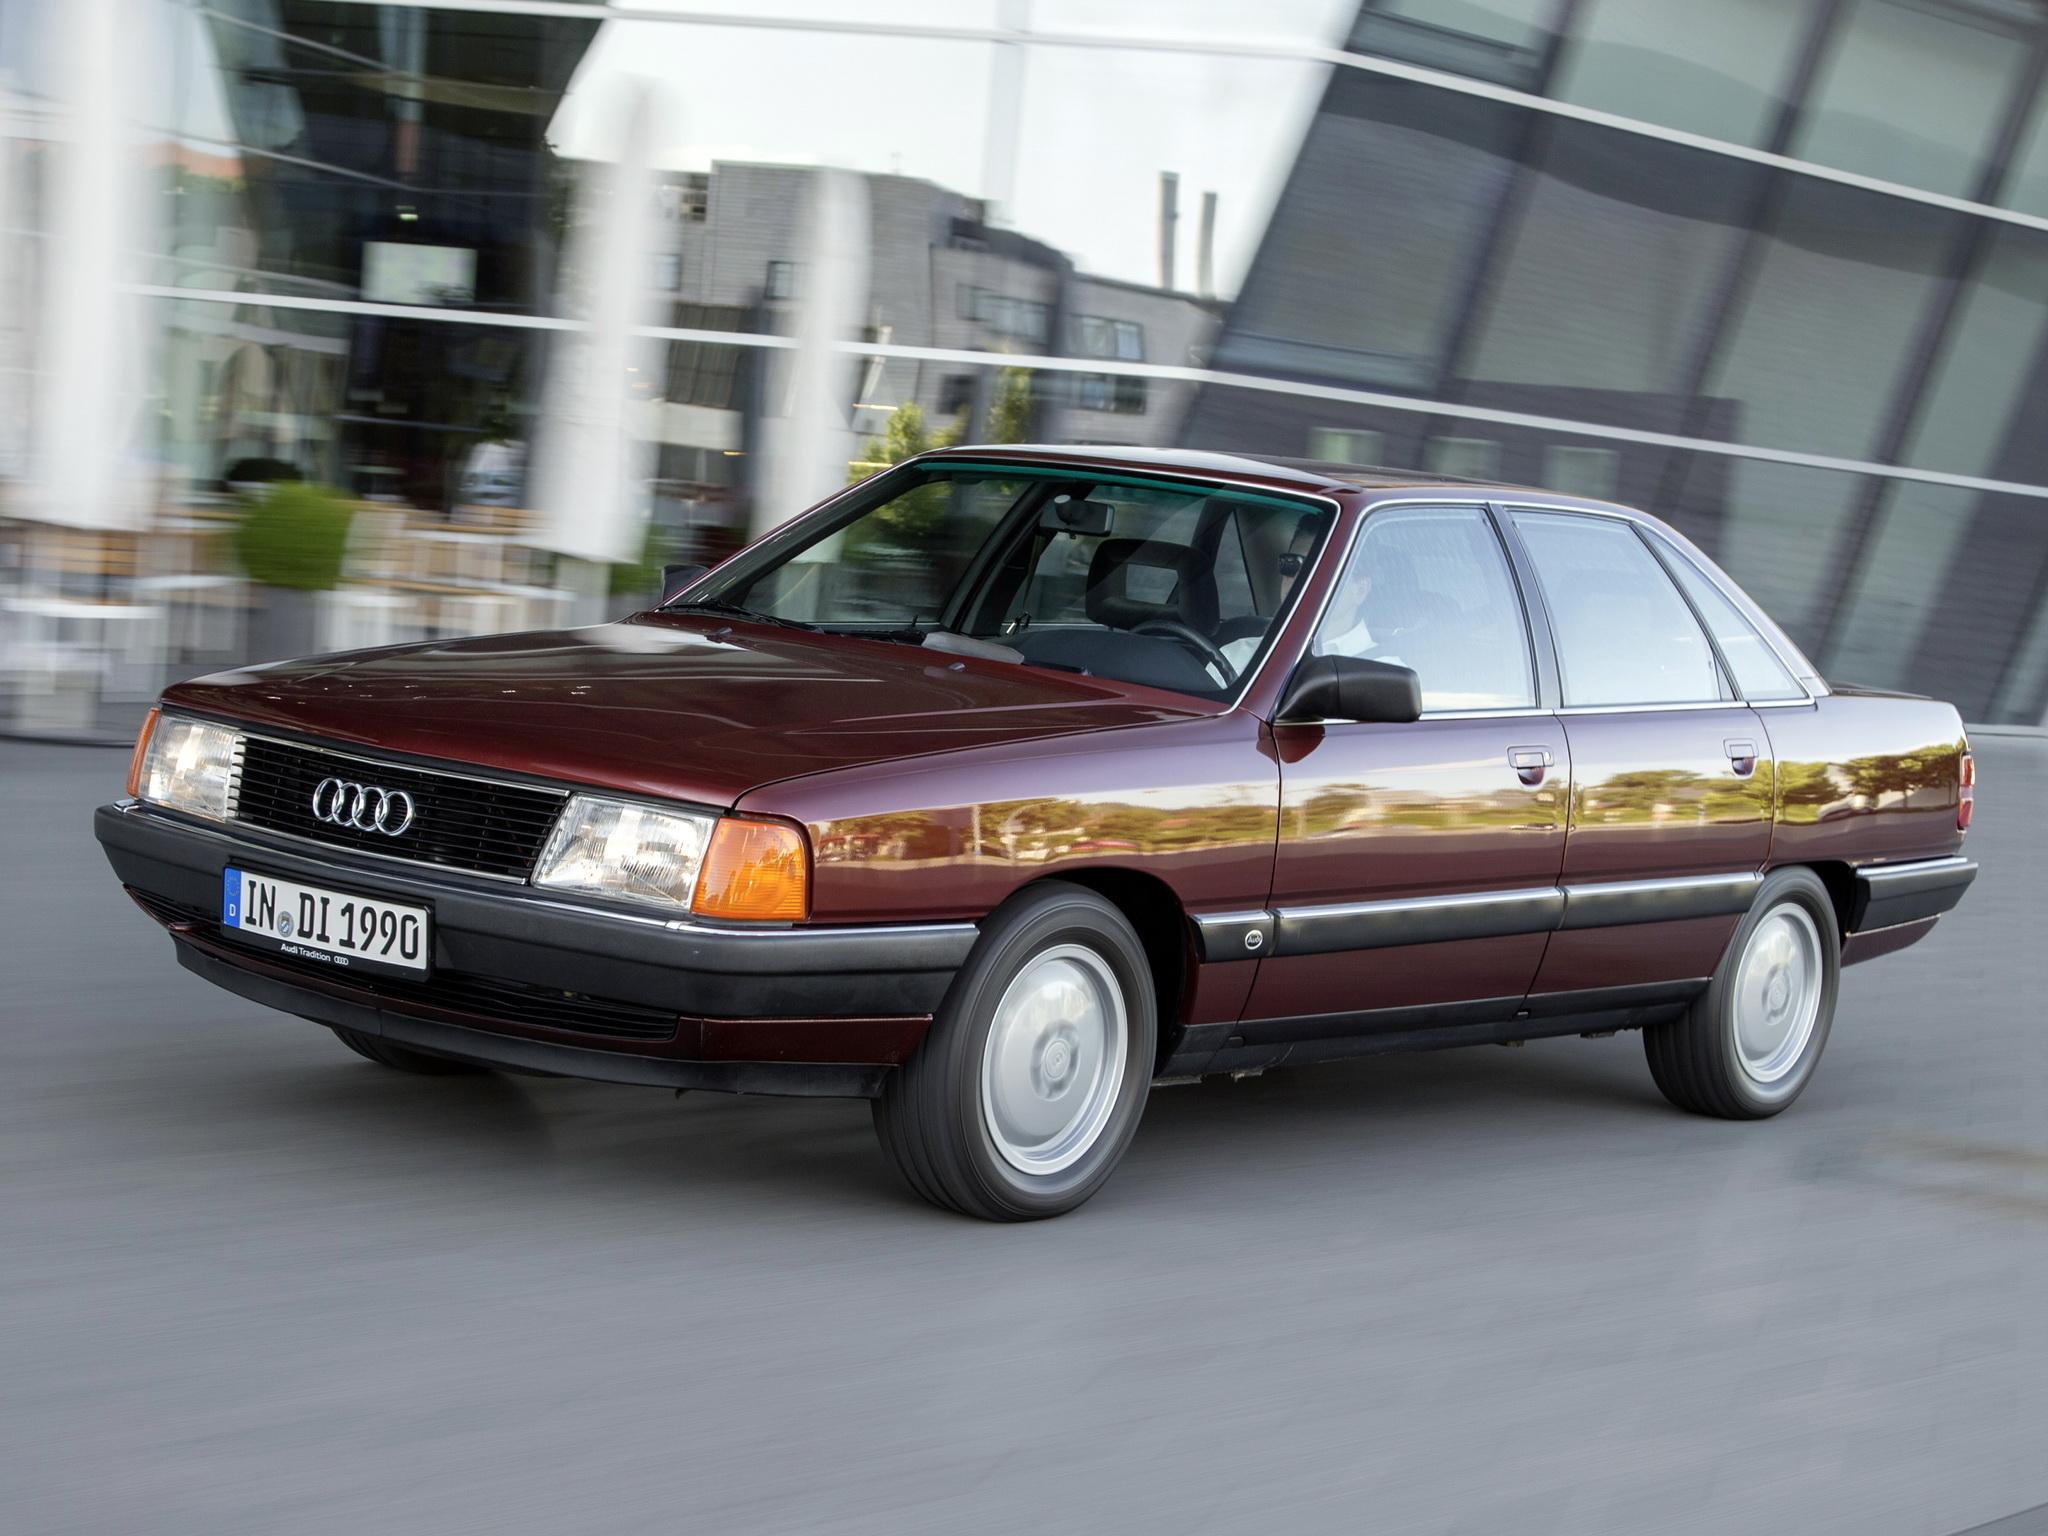 Photo Audi 100 C3 2 5 Tdi Berline 1990 M 233 Diatheque